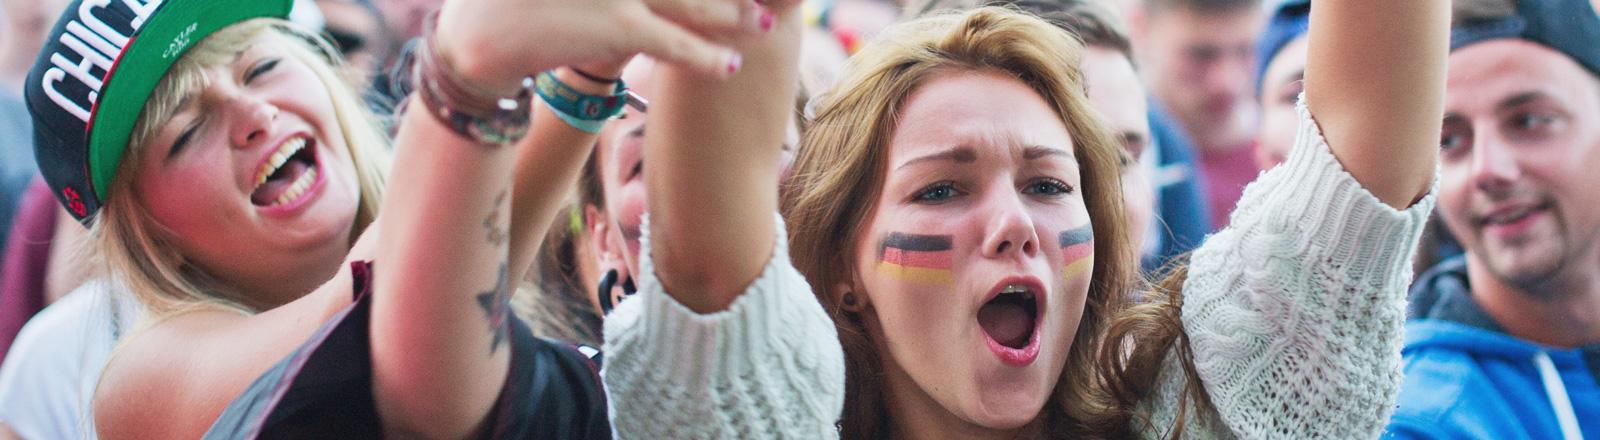 """Festivalbesucher verfolgen am 13.07.2014 auf dem Gelände des Hip-Hop Festival """"Splash"""" in Gräfenhainichen beim Public-Viewing das WM-Finale Deutschland gegen Argentinien."""